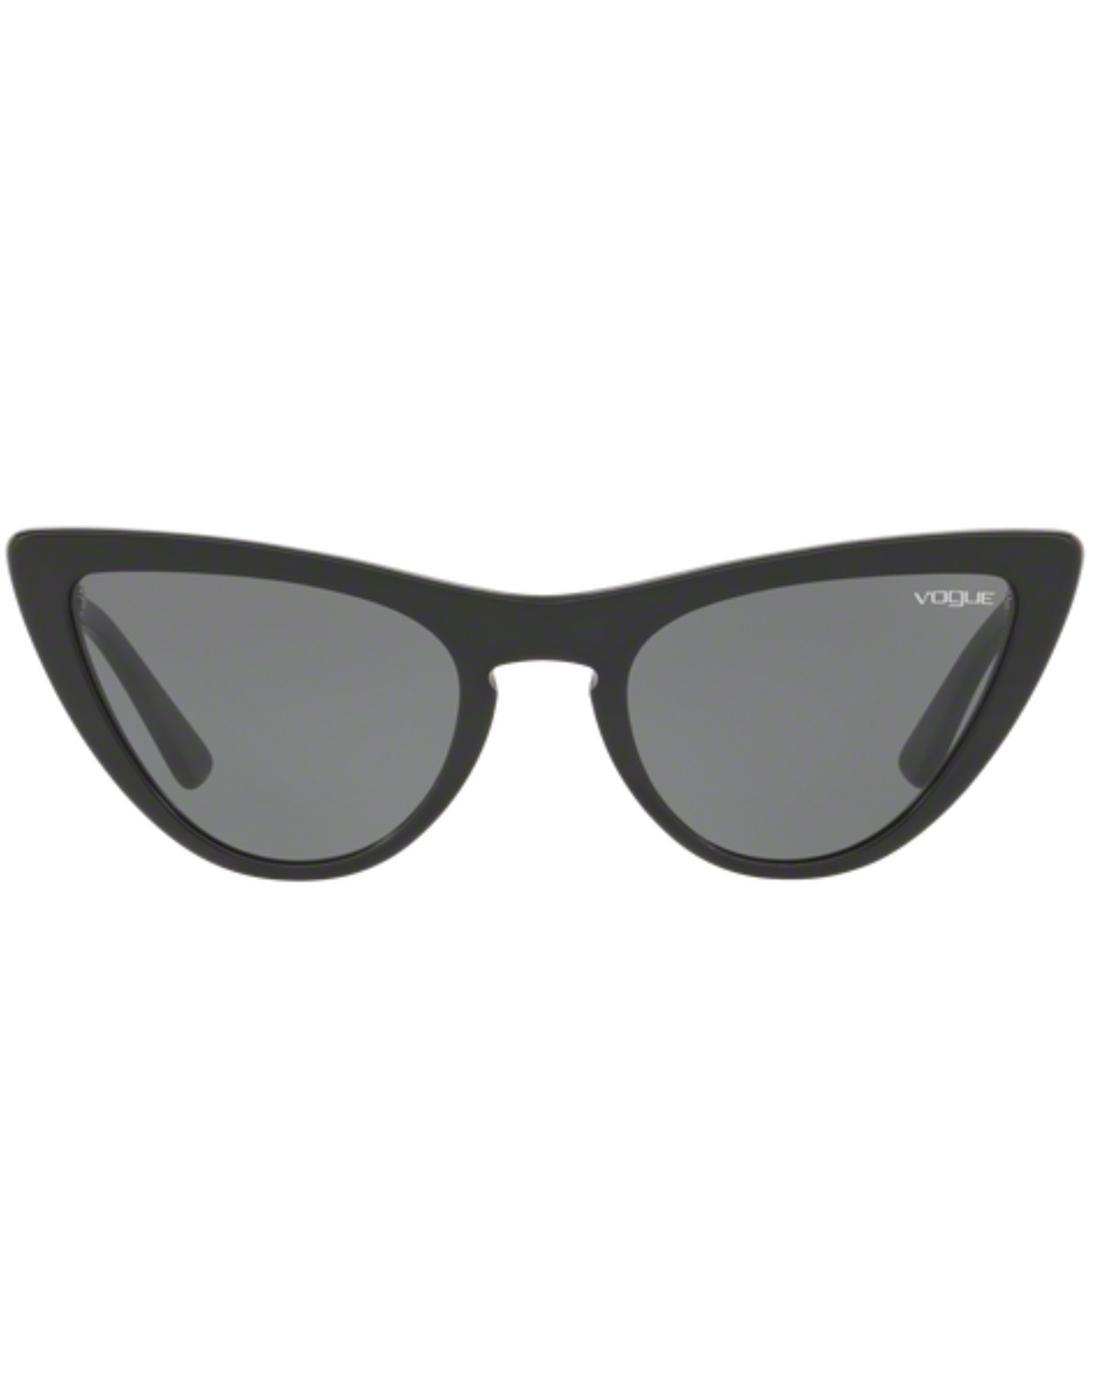 VOGUE Gigi Hadid Retro 50s Vamp Catseye Sunglasses